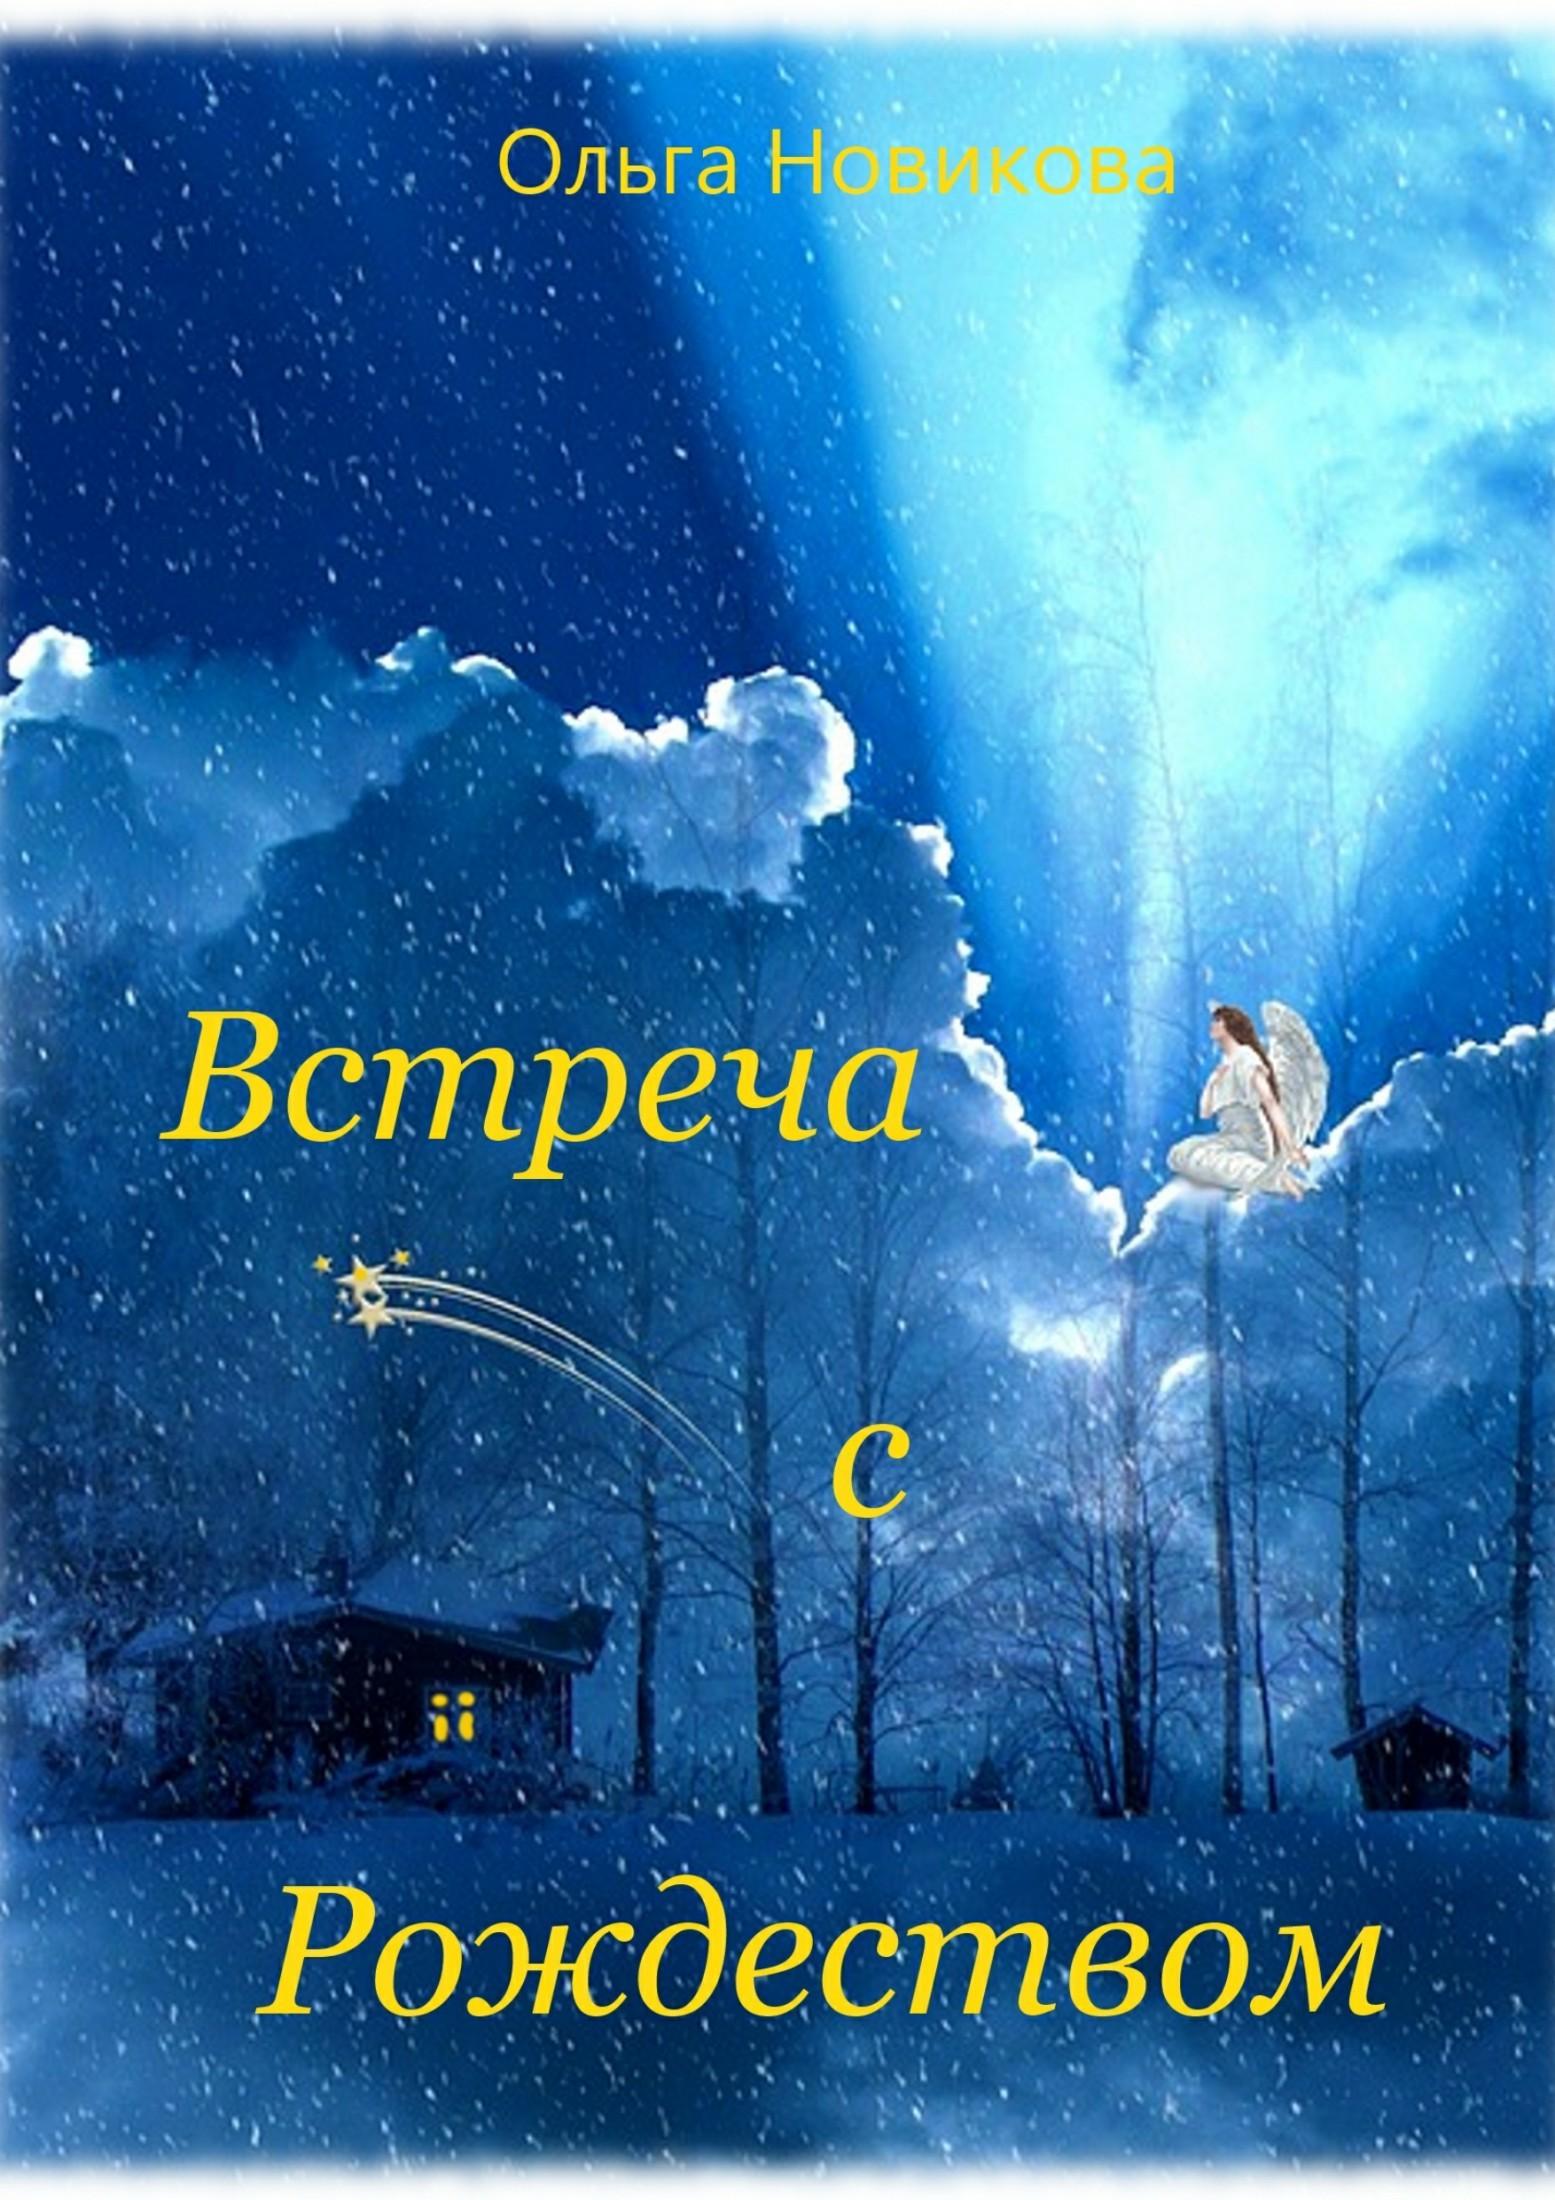 Ольга Николаевна Новикова Встреча с Рождеством блаженный августин энхиридион к лаврентию или о вере надежде и любви